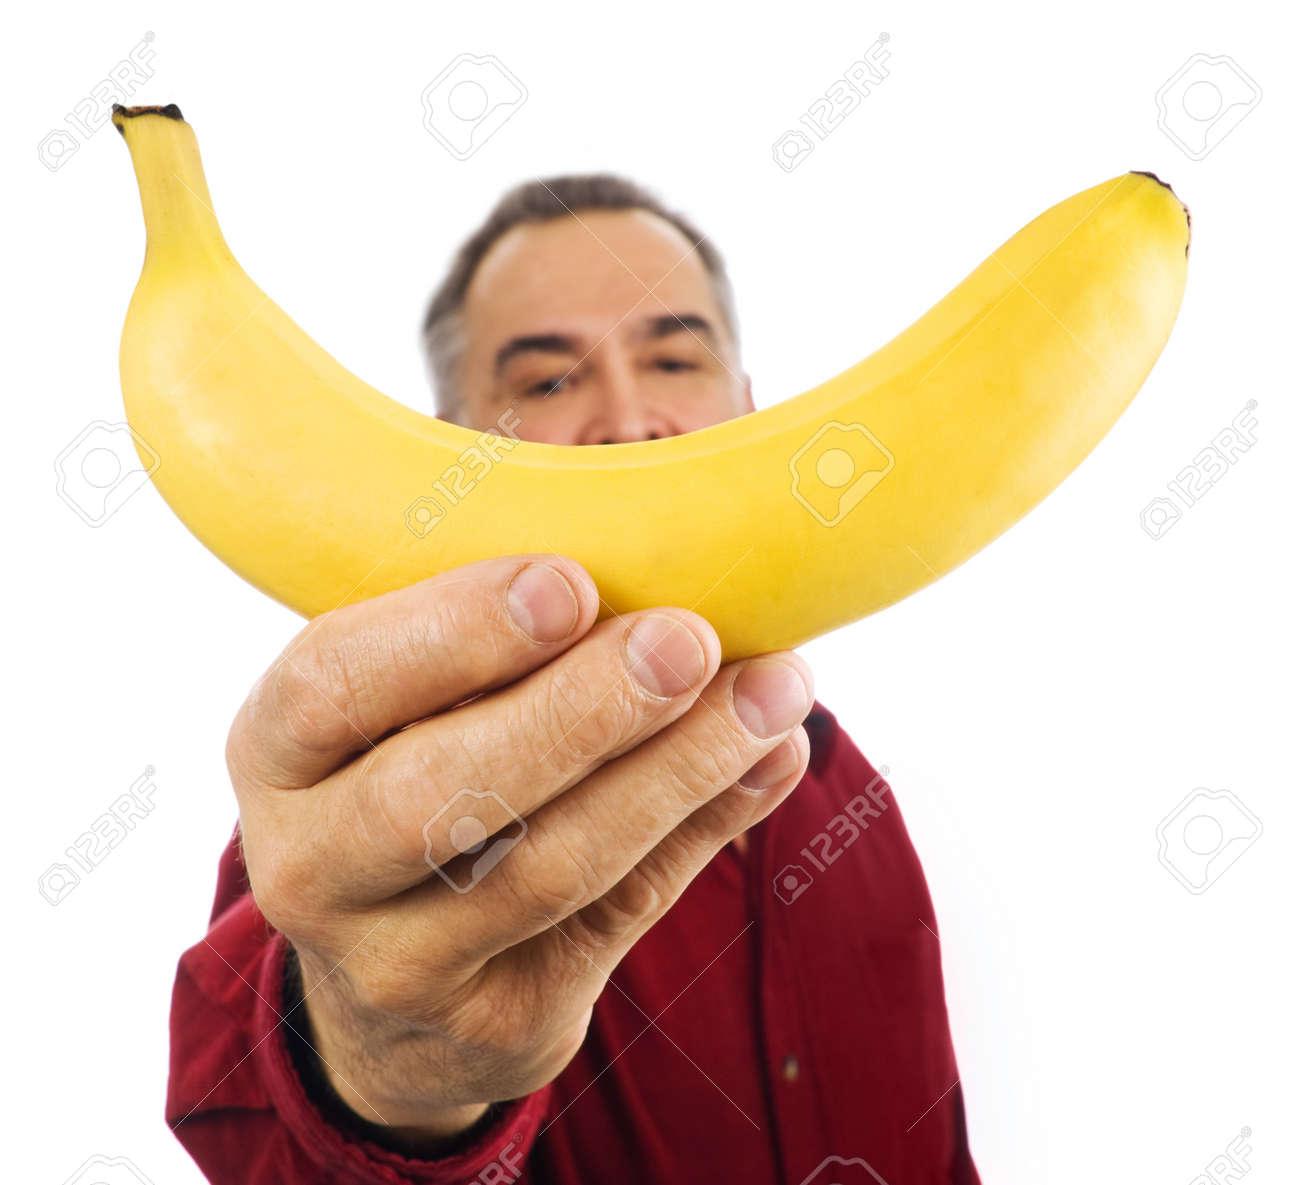 Член виде банана фото 19 фотография